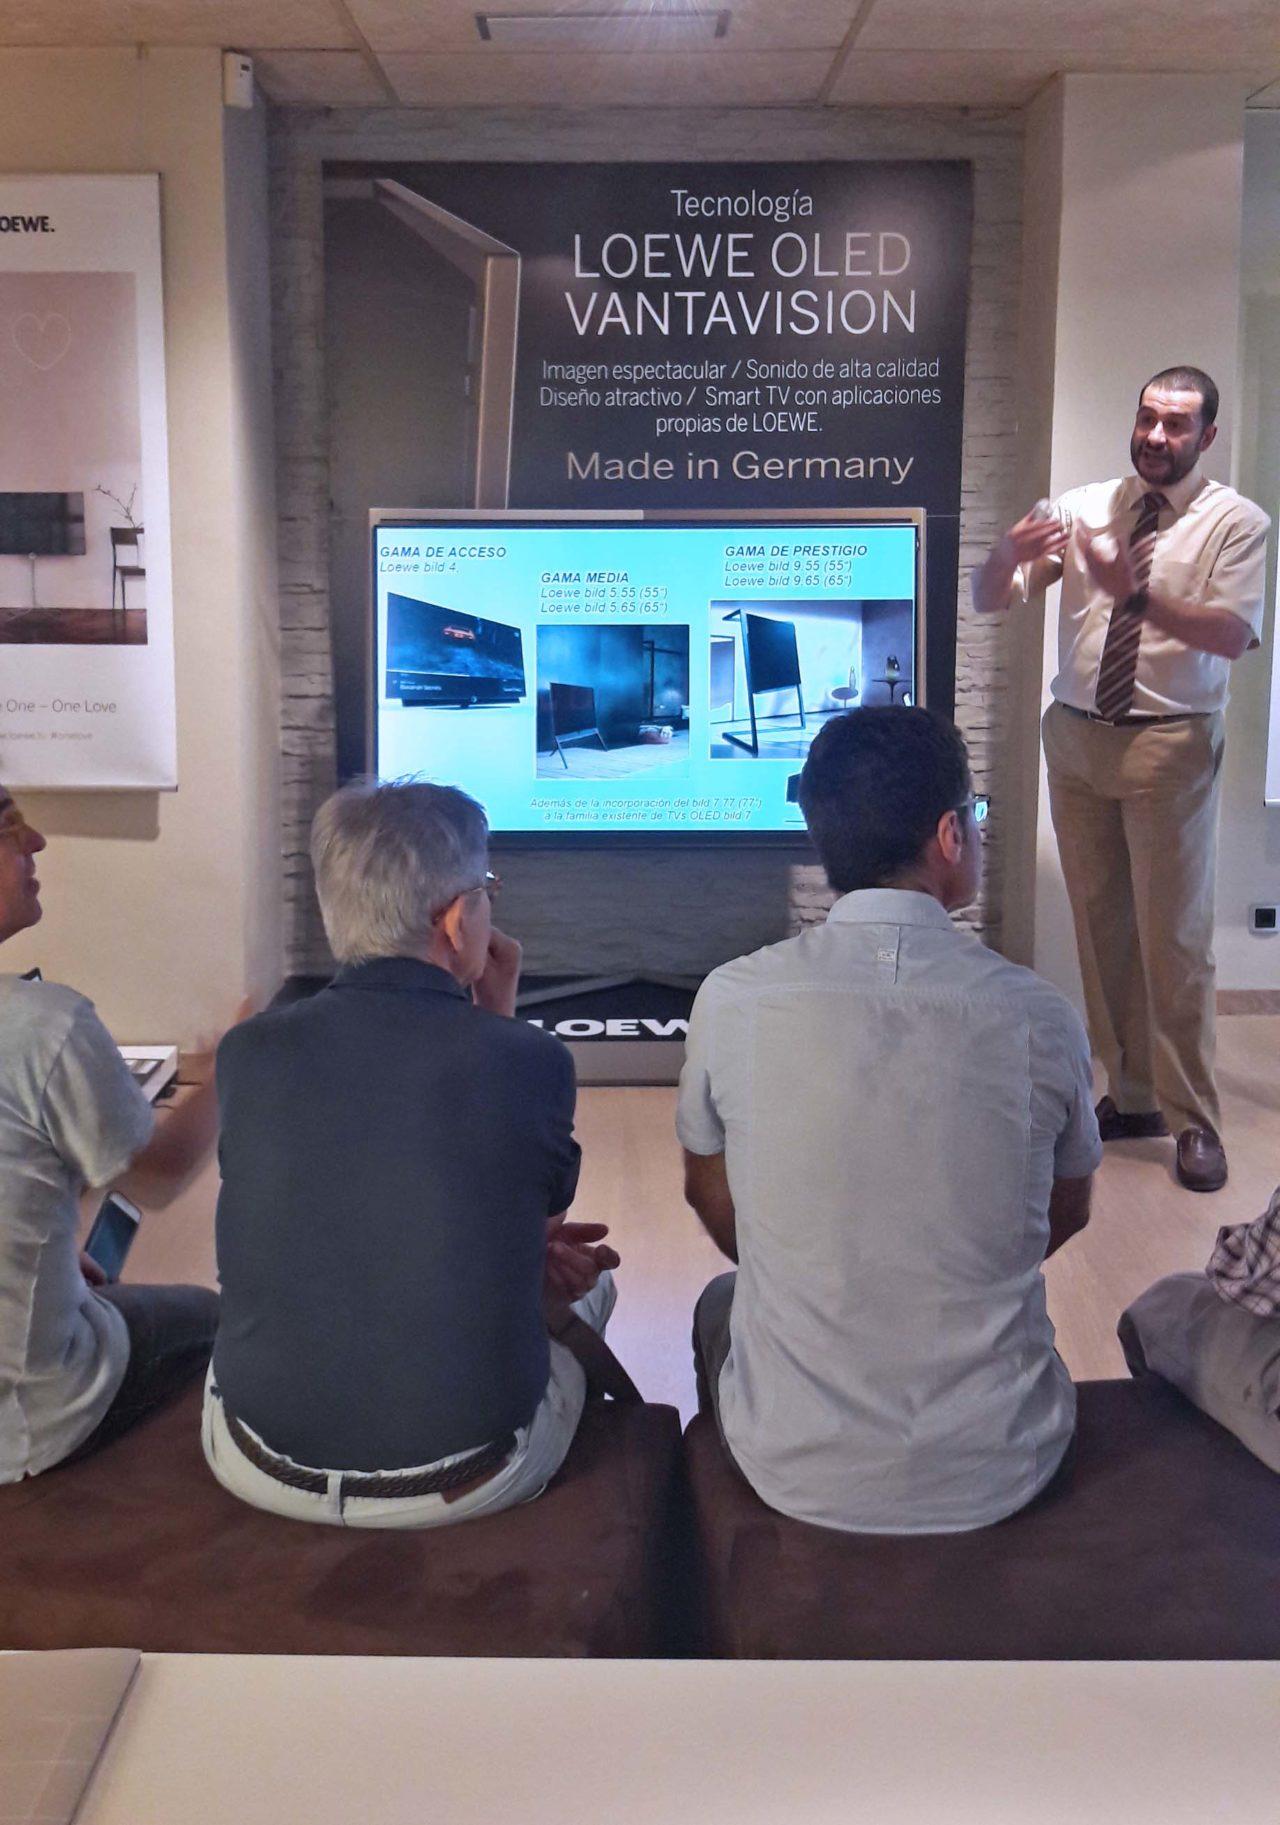 Televisiones Loewe, presentación de la nueva Vanta Visión